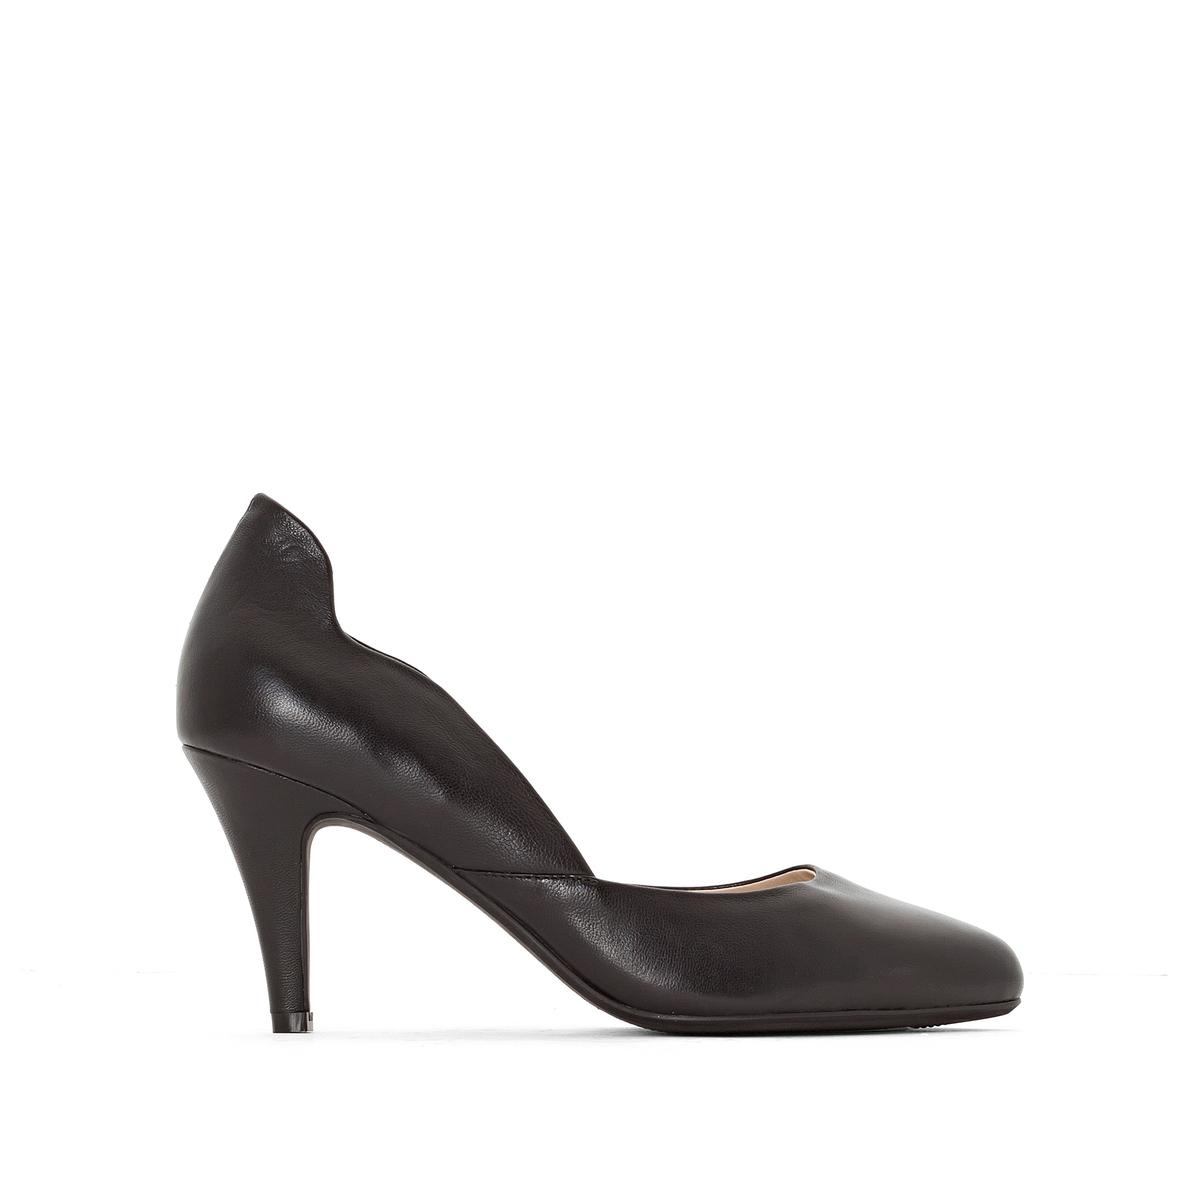 Туфли кожаные на каблукеТуфли Anne Weyburn, изящные и элегантные. Красивые вырезы по бокам.Верх : кожа.Подкладка : кожа.Стелька : кожа на подкладке из пеноматериала.Подошва : эластомер.Высота каблука : 8 см.<br><br>Цвет: золотистый,красный,черный<br>Размер: 37.41.40.39